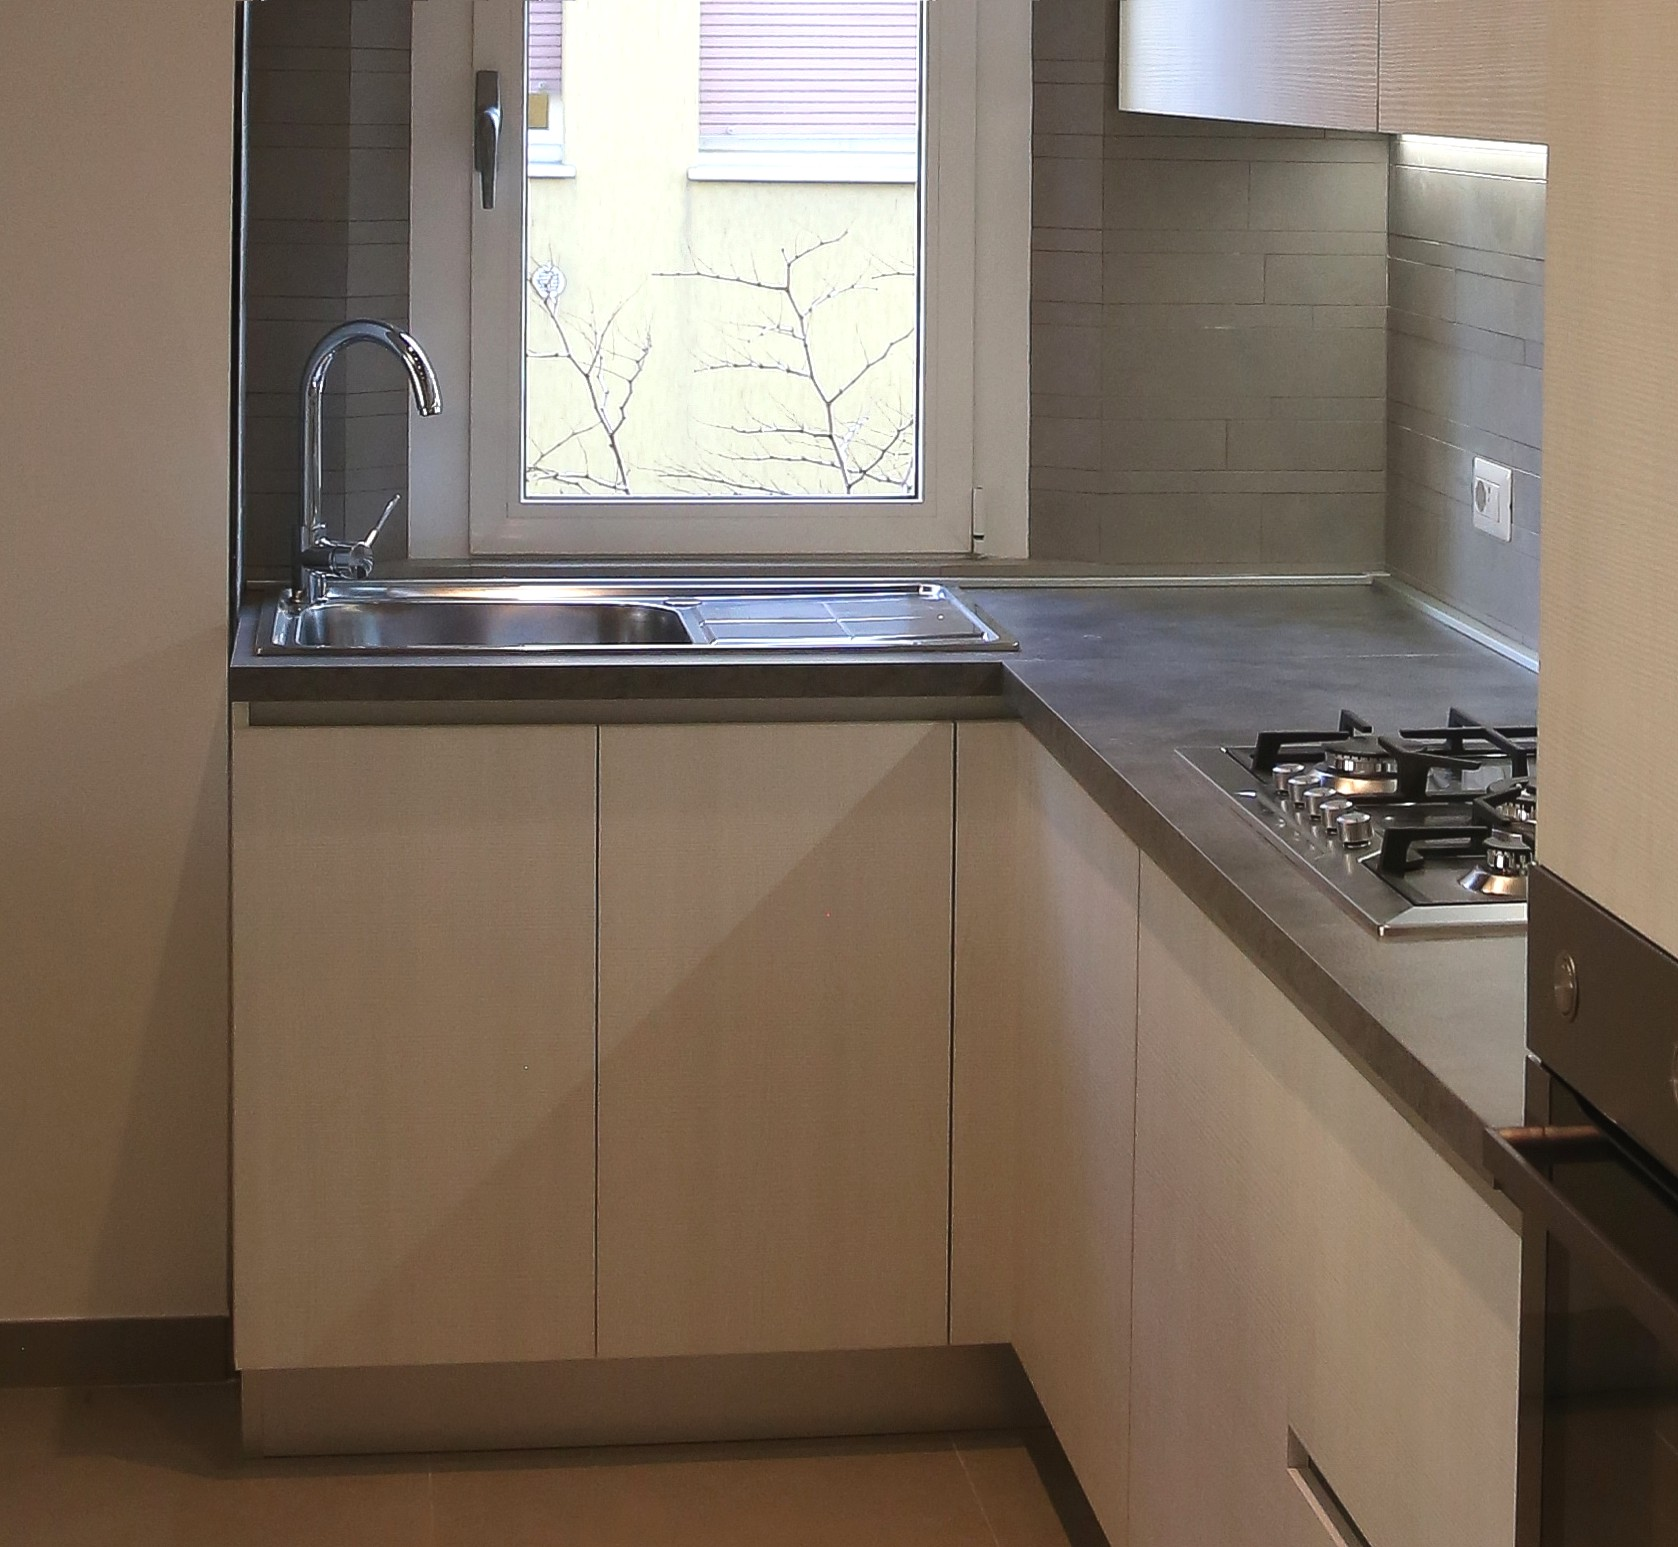 Cucina su misura casa del mobile rimini - Top cucina su misura ...